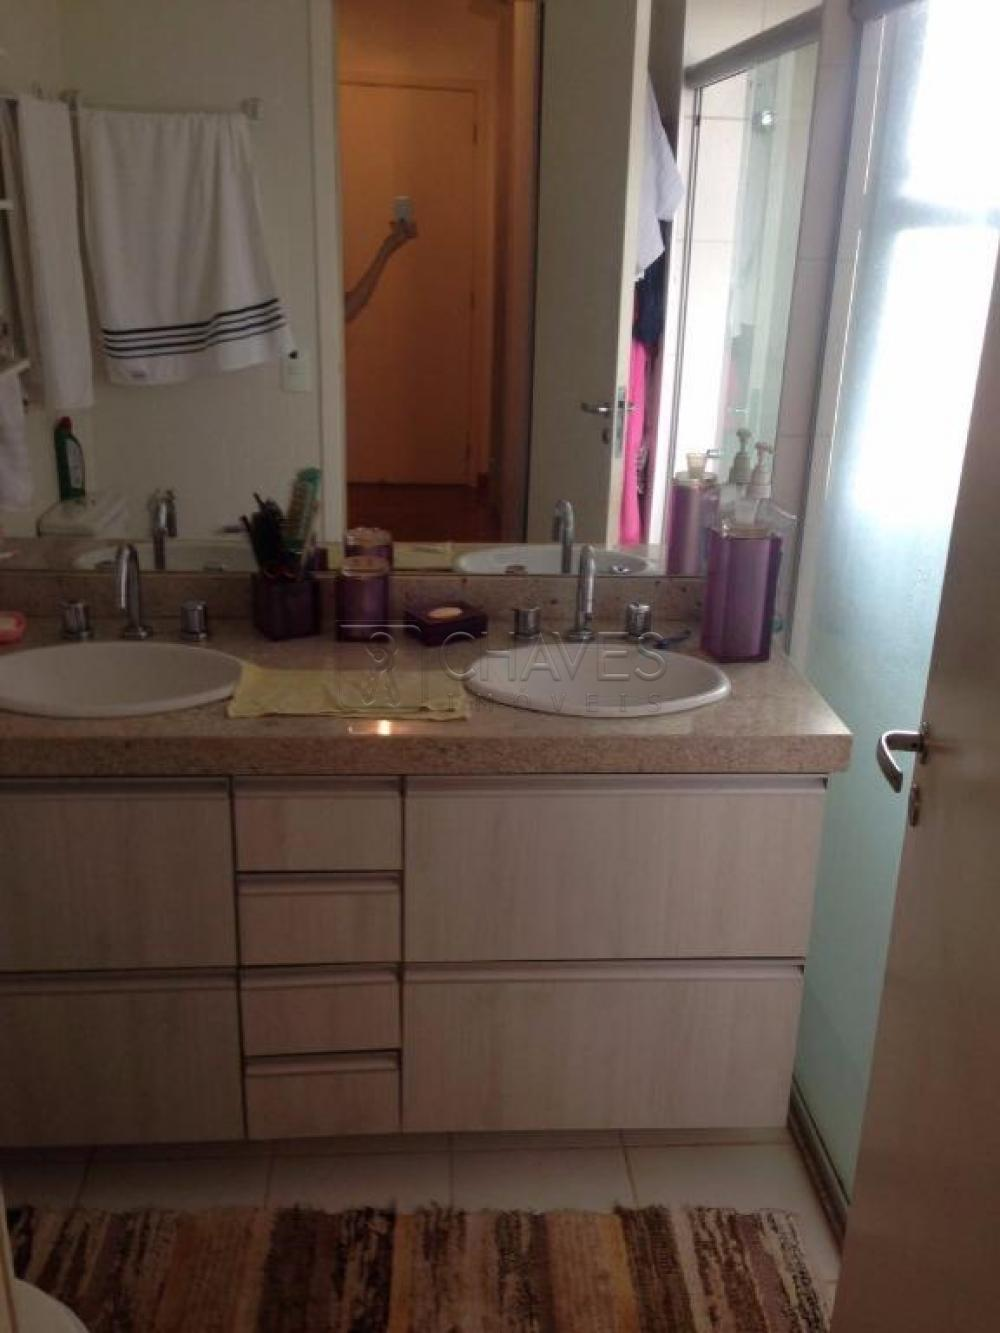 Comprar Apartamento / Padrão em Ribeirão Preto apenas R$ 900.000,00 - Foto 9